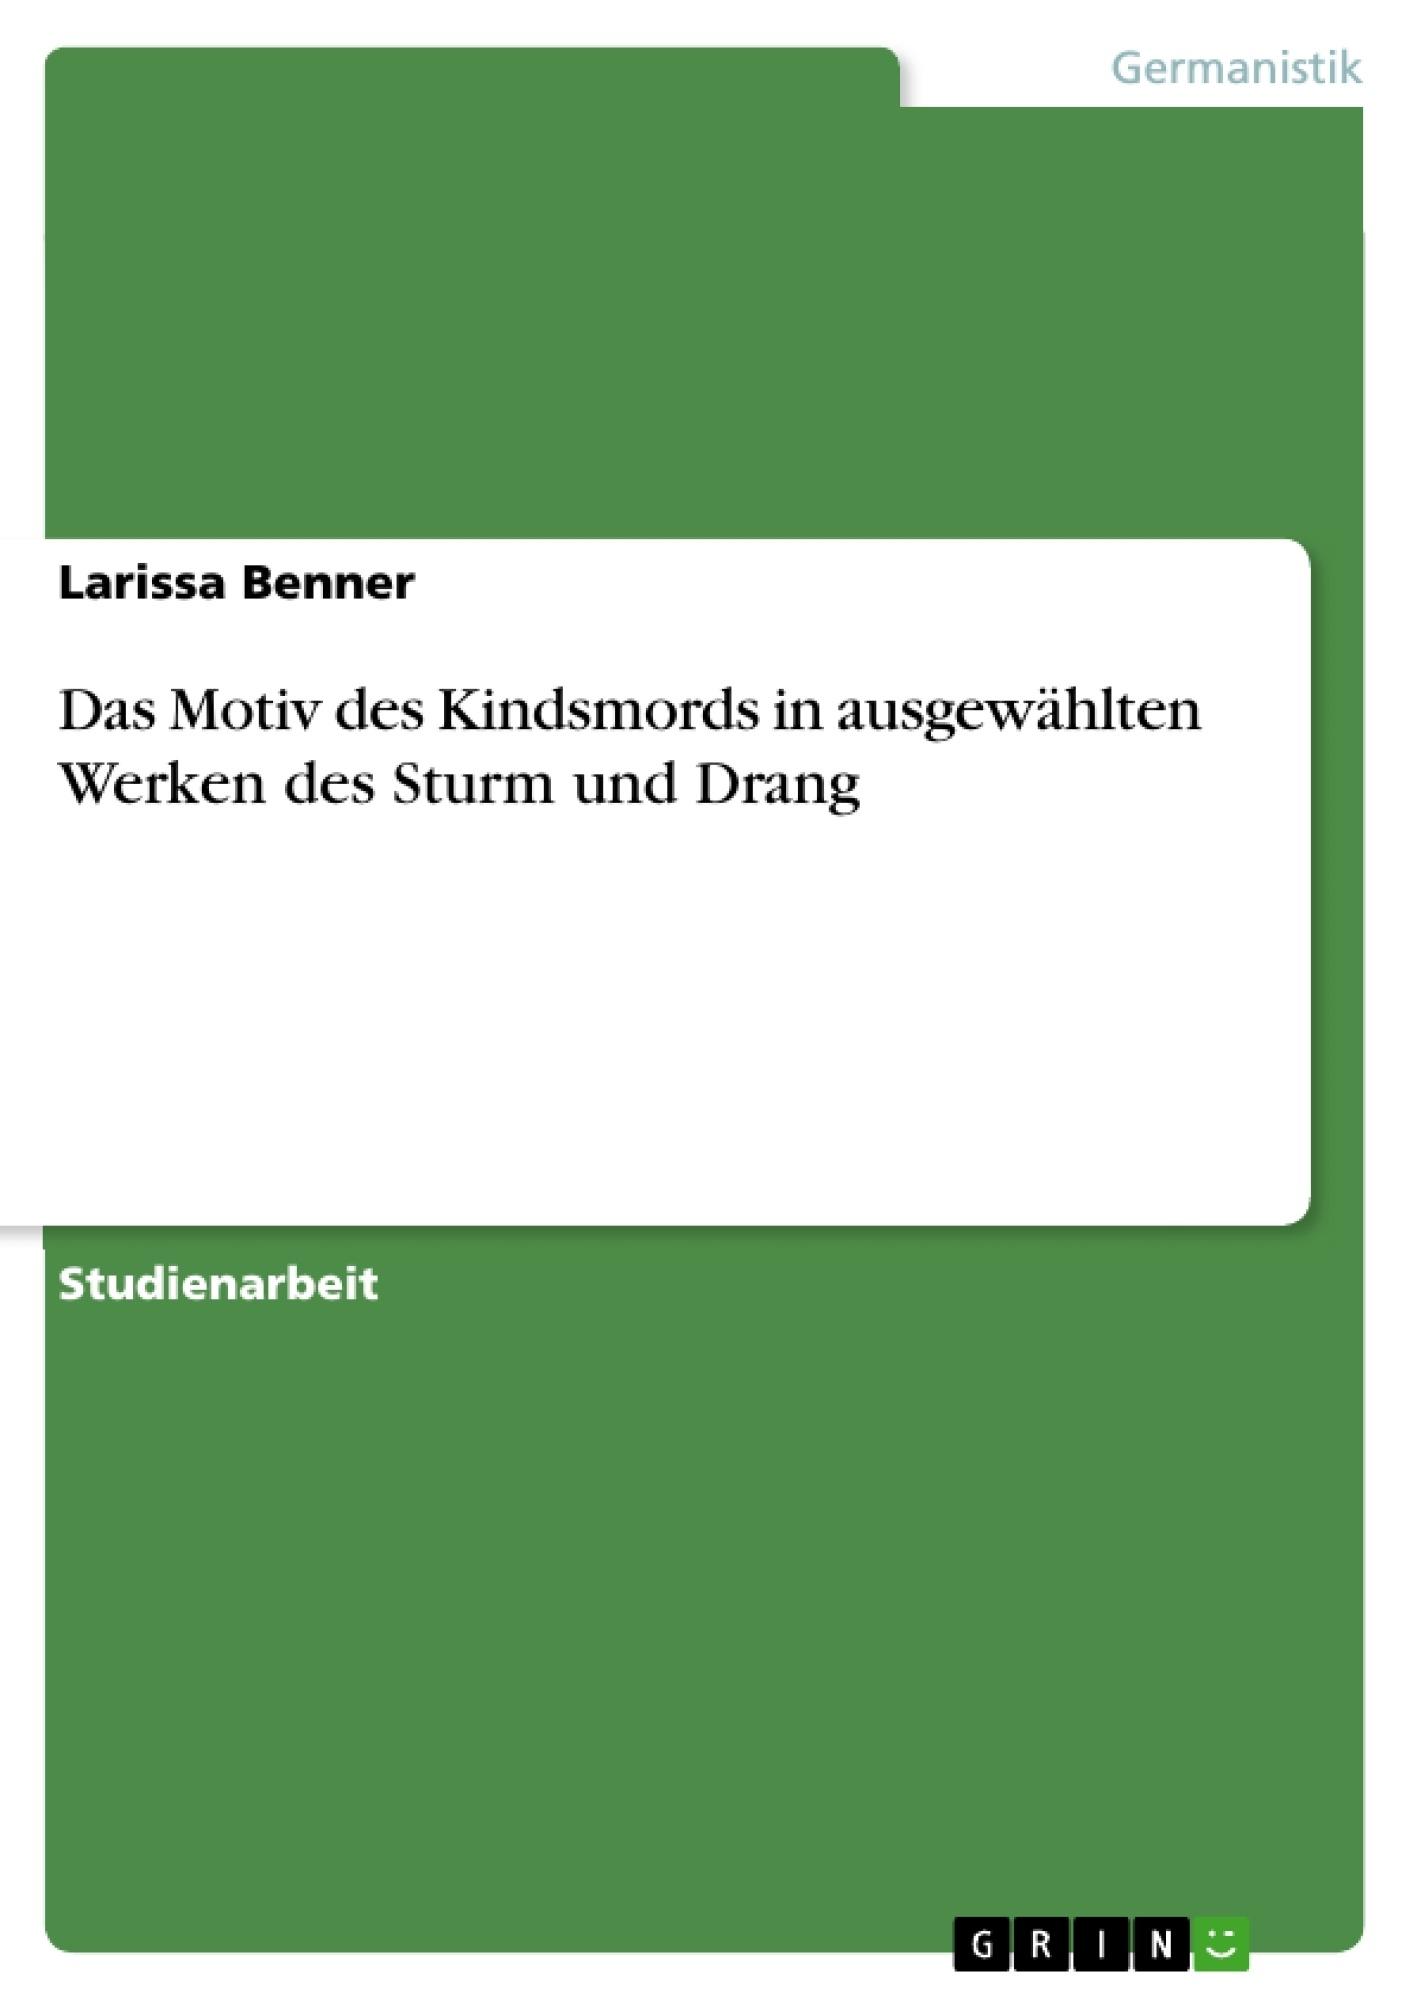 Titel: Das Motiv des Kindsmords in ausgewählten Werken des Sturm und Drang